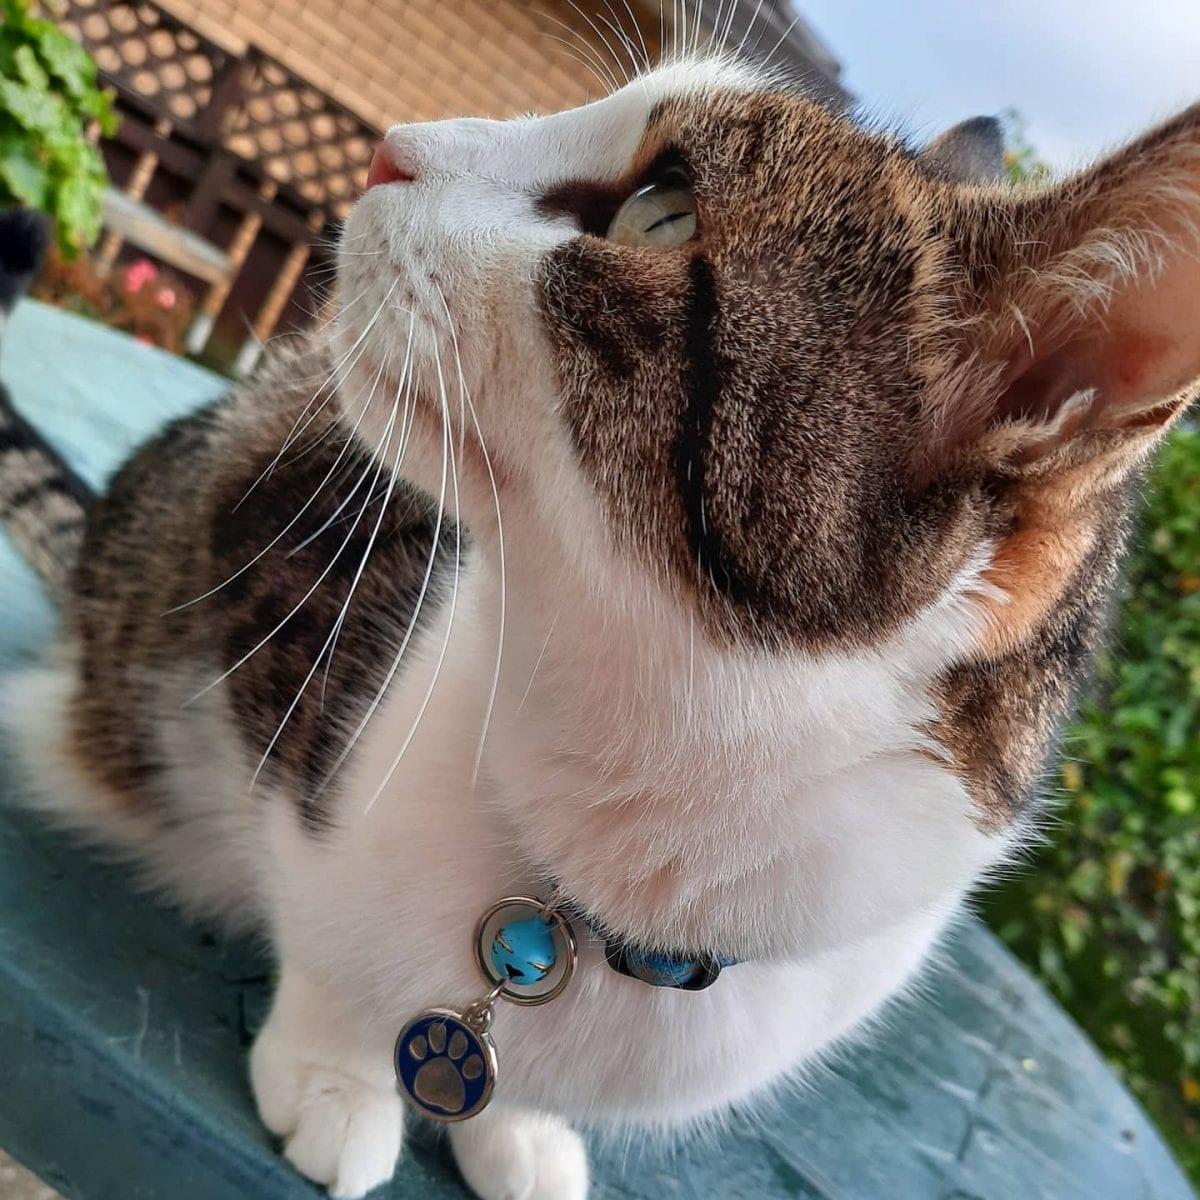 Tripawd cat Ming